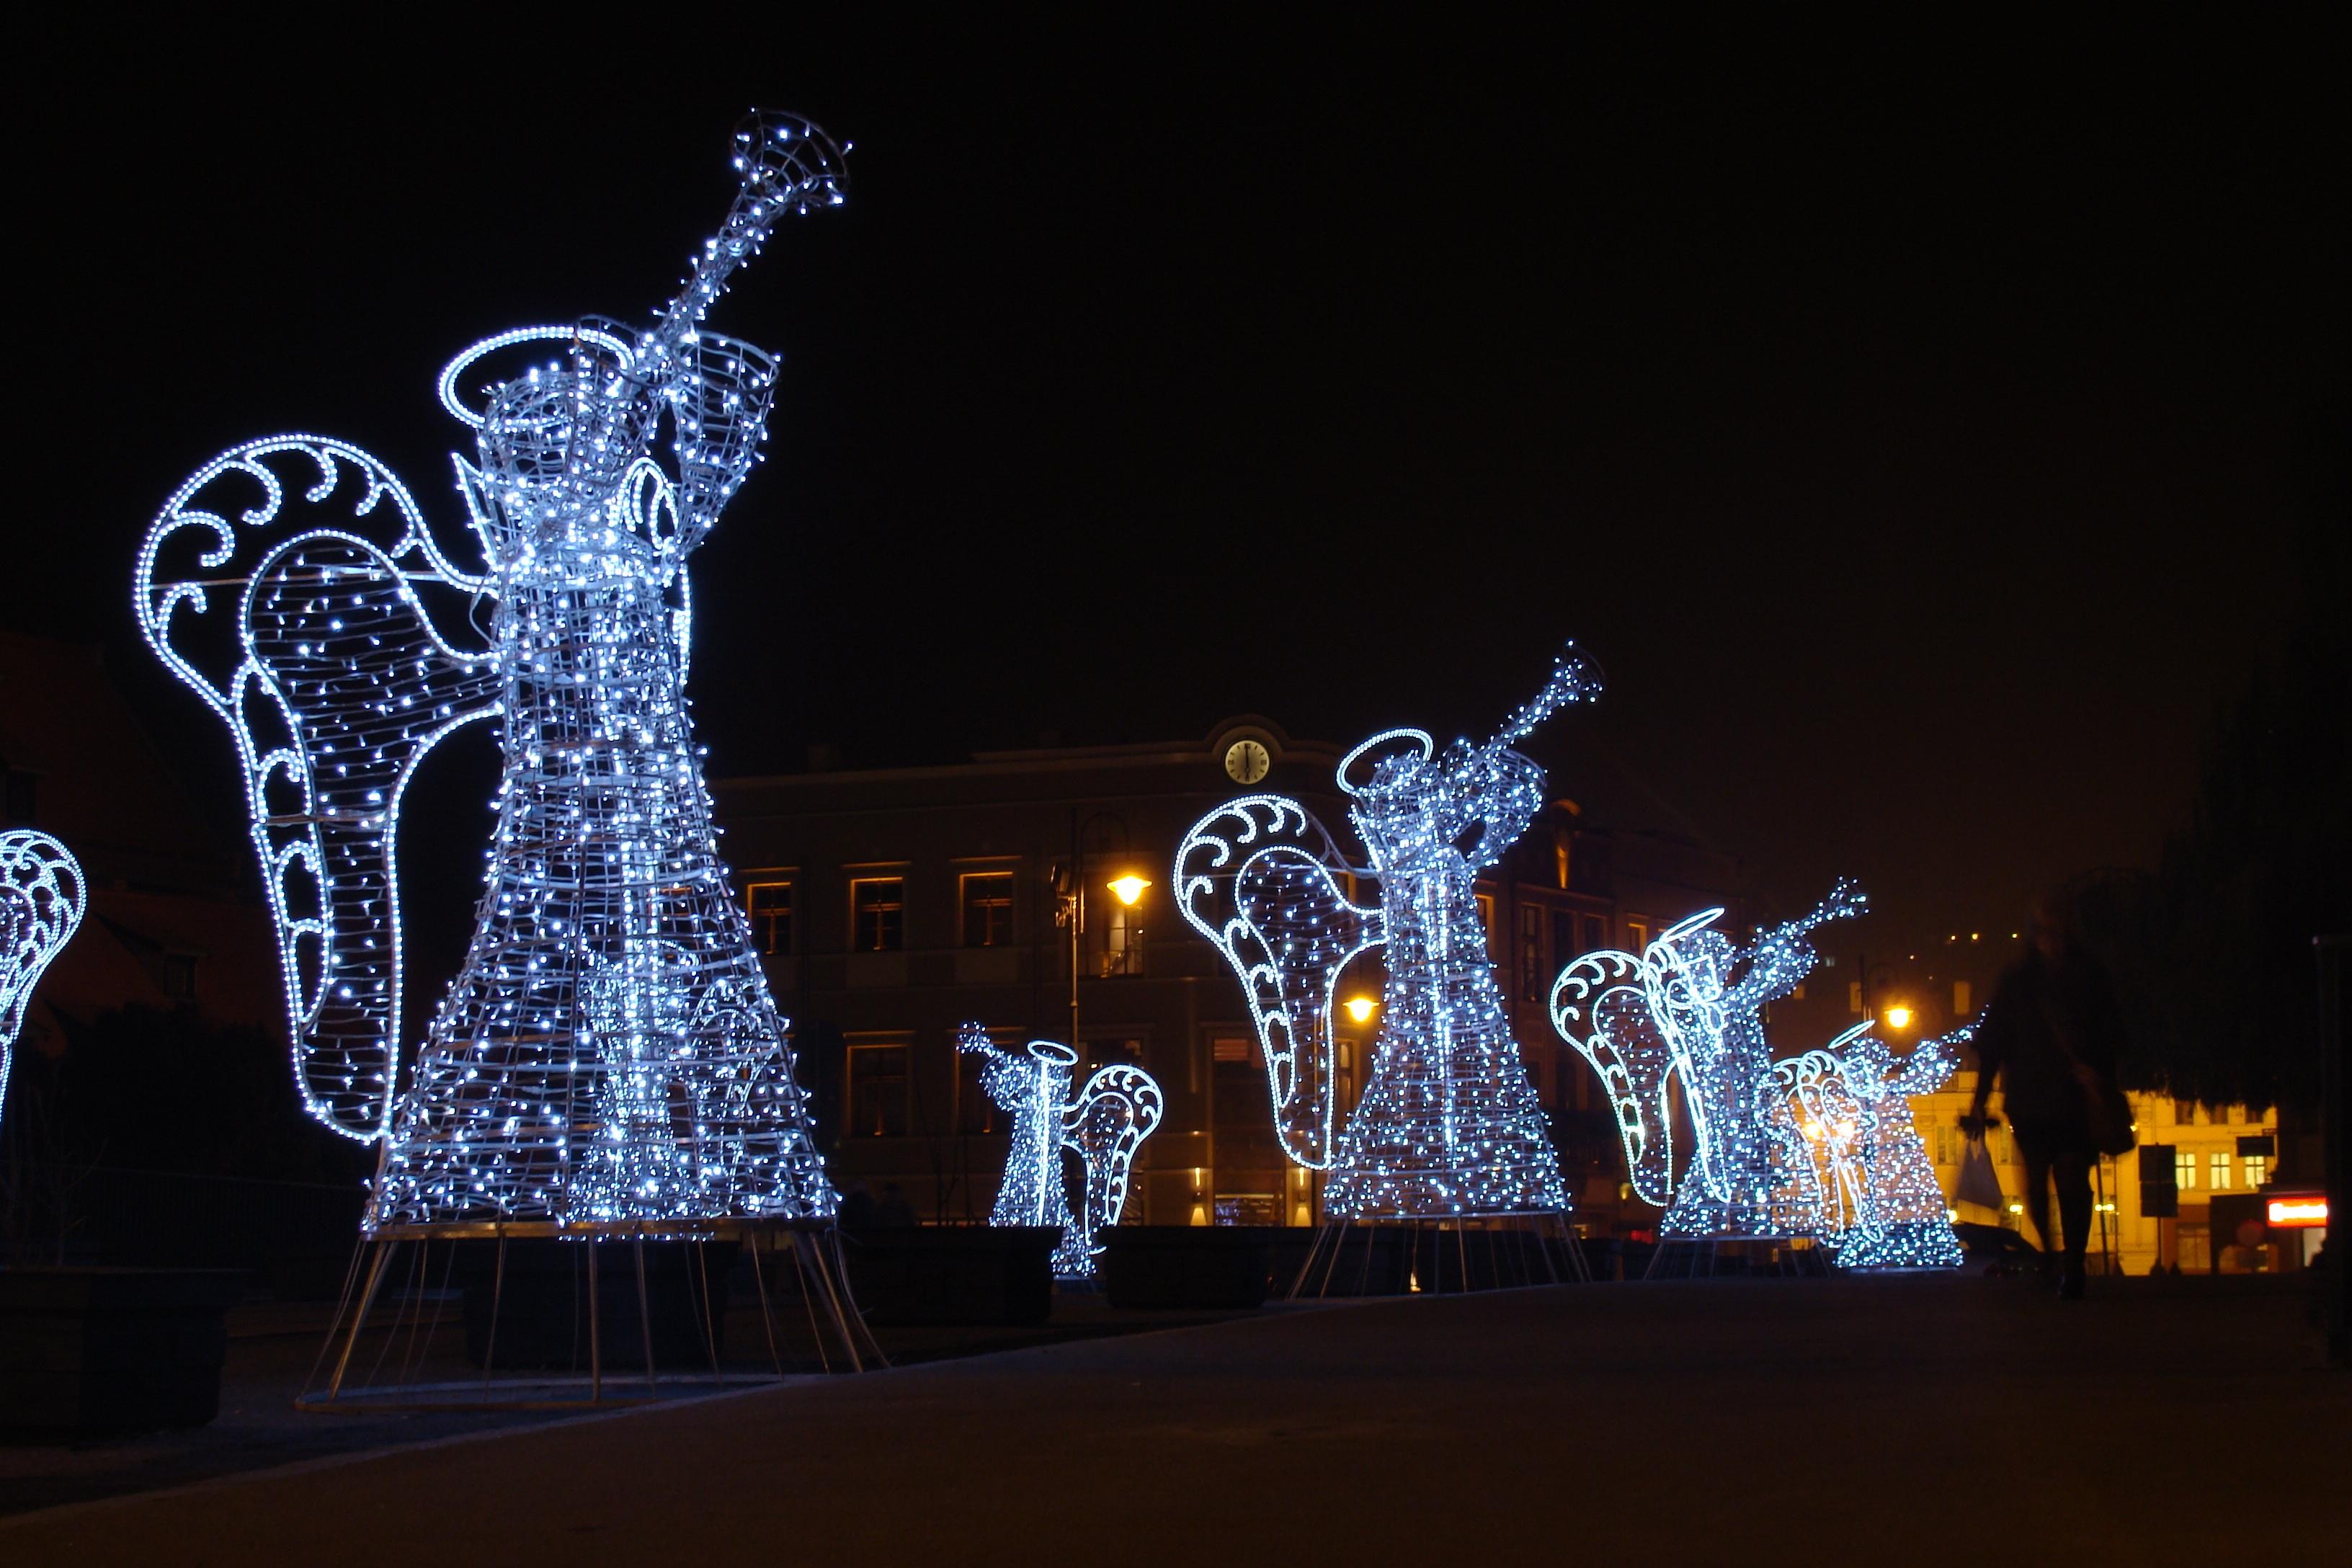 Weihnachtsbeleuchtung Engel.Kostenlose Foto Licht Brücke Nacht Stadt Weihnachten